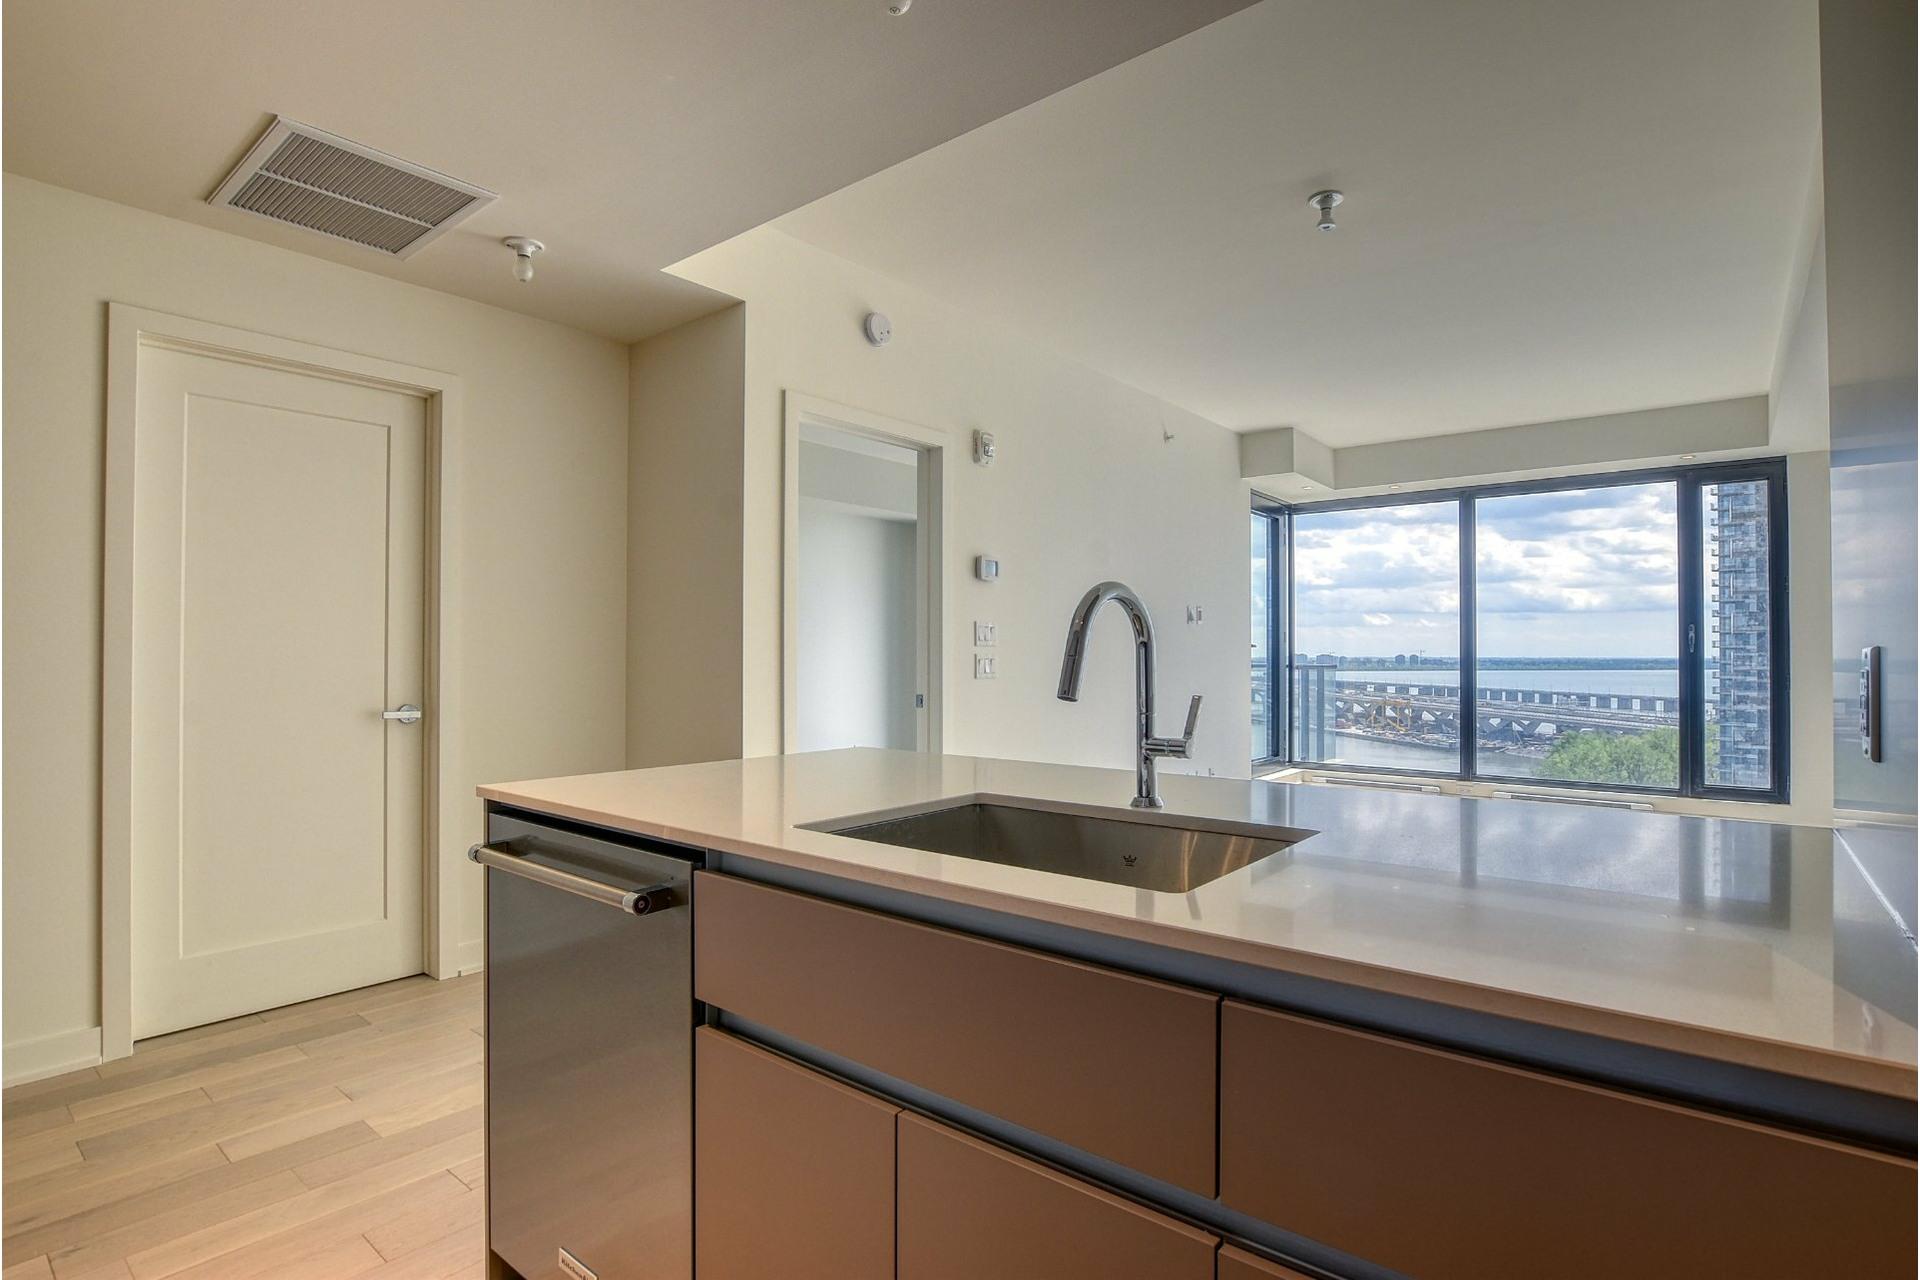 image 7 - Appartement À louer Verdun/Île-des-Soeurs Montréal  - 4 pièces